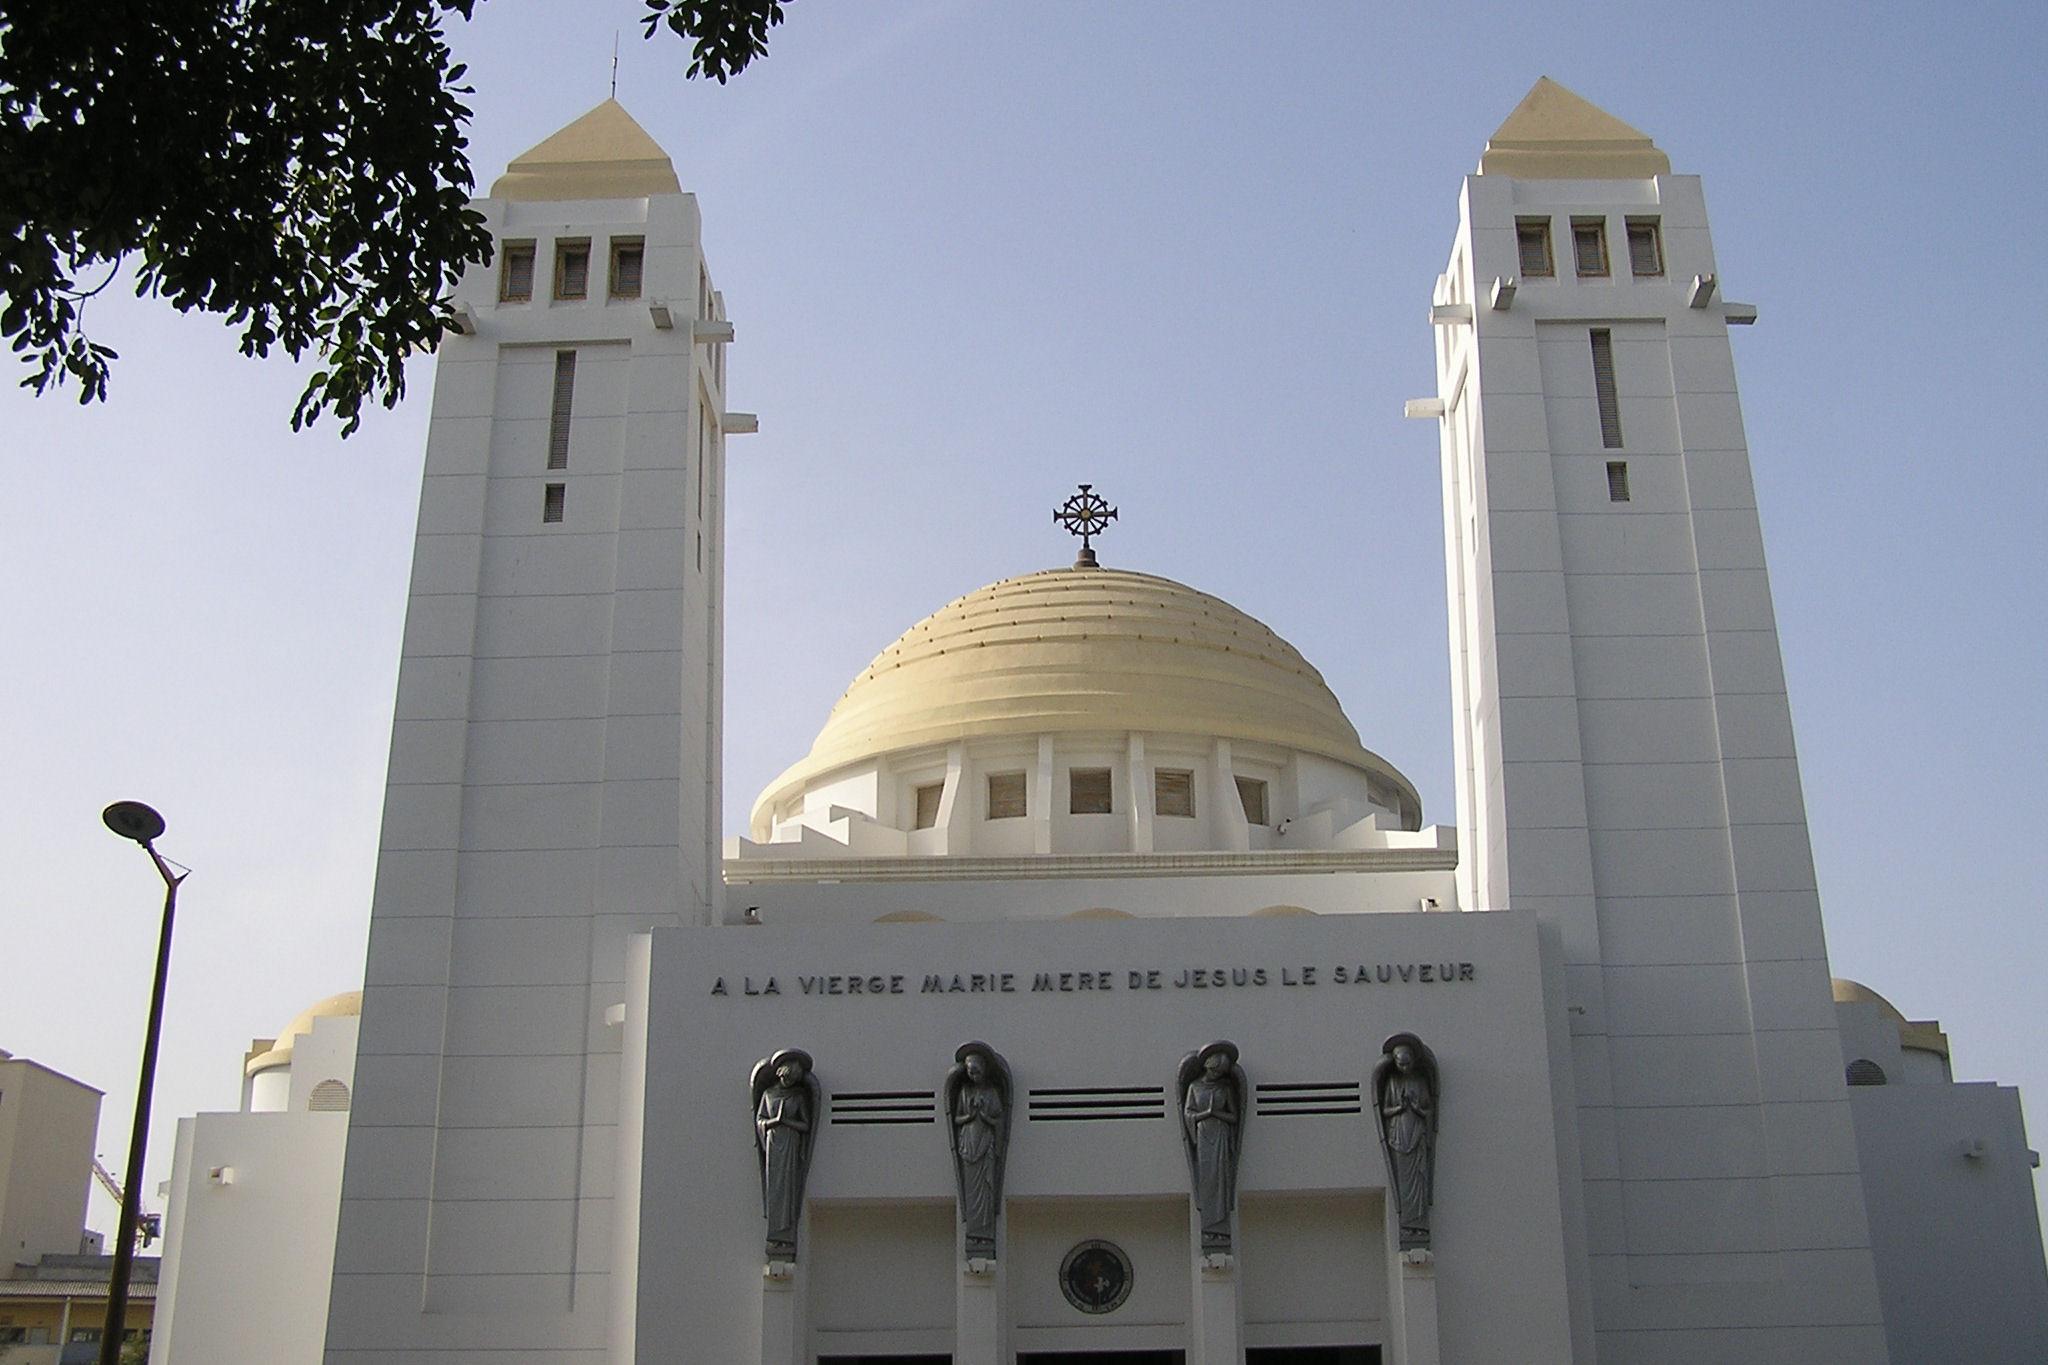 Cathédrale de Dakar - Image : commons.wikimedia.org